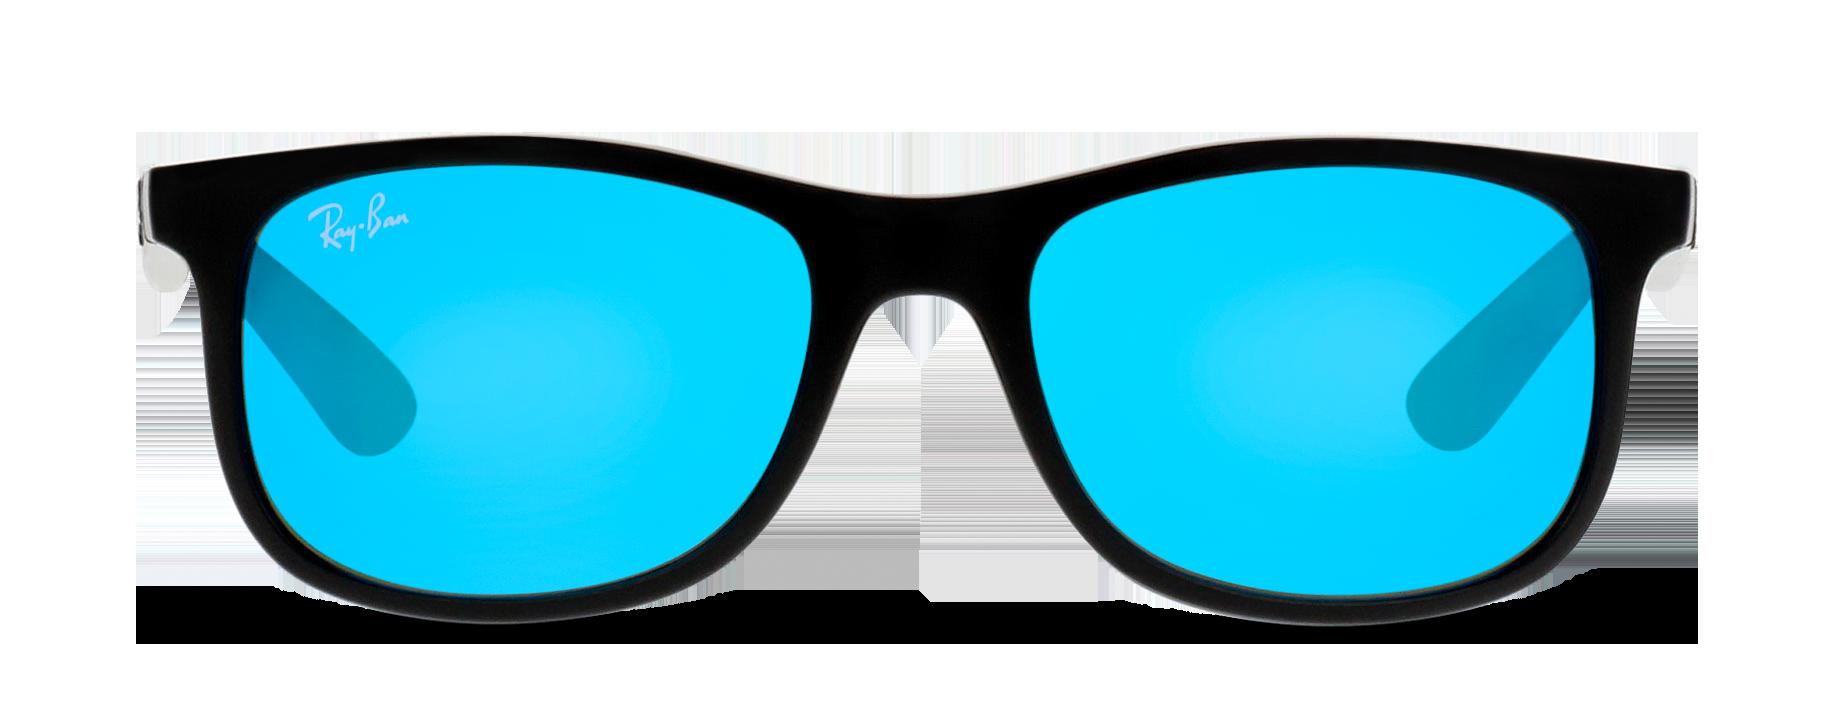 Front Ray-Ban Ray-Ban 9062S 701355 48/16 Zwart/Blauw